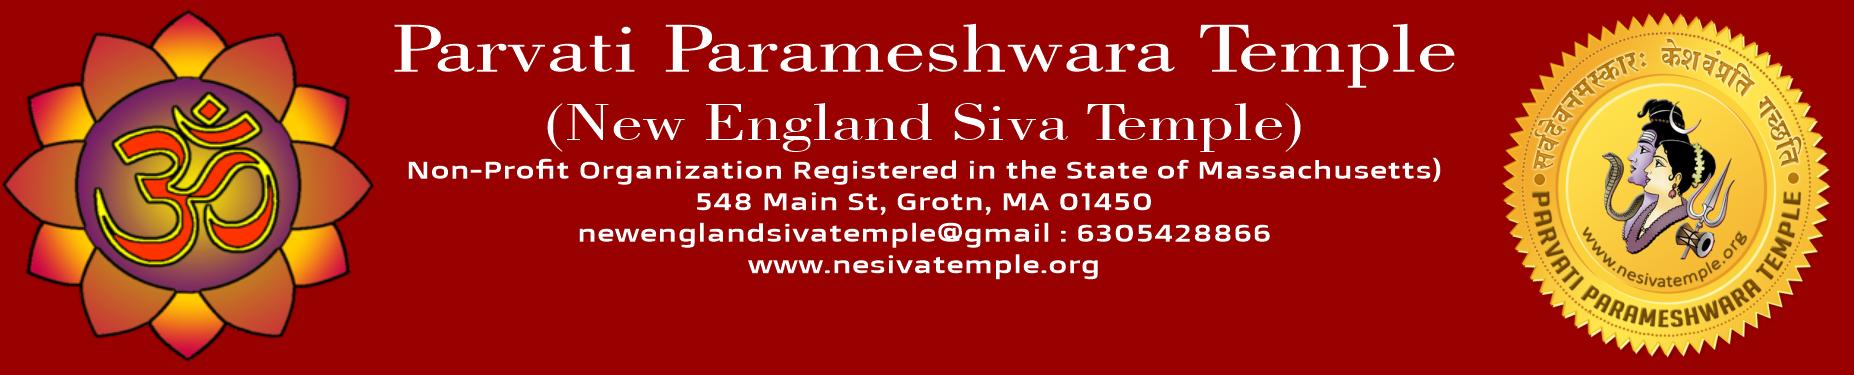 Parvati Parameshwara Temple